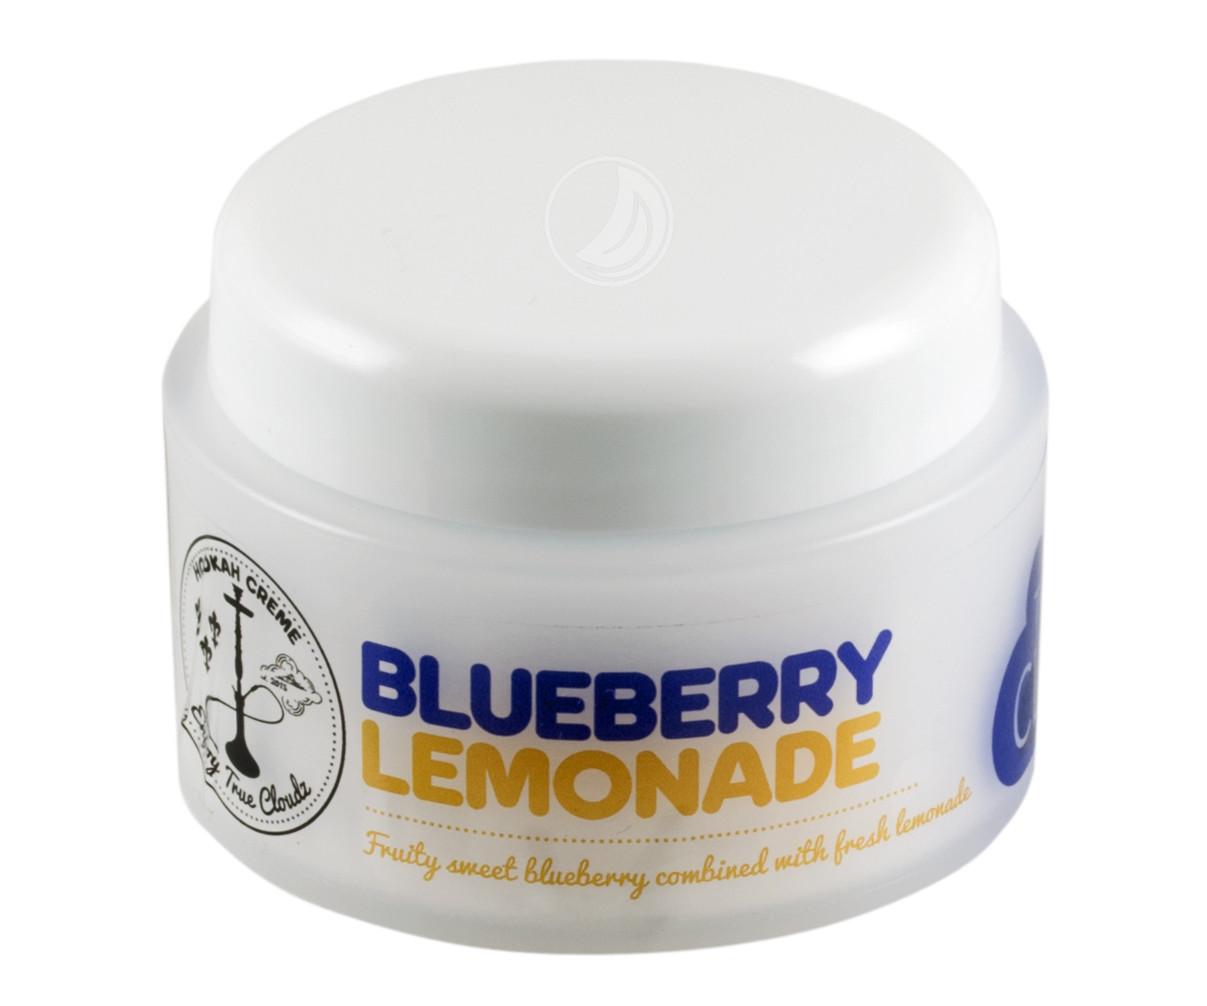 Крем True Cloudz ― Blueberry Lemonade (черничный лемонад)